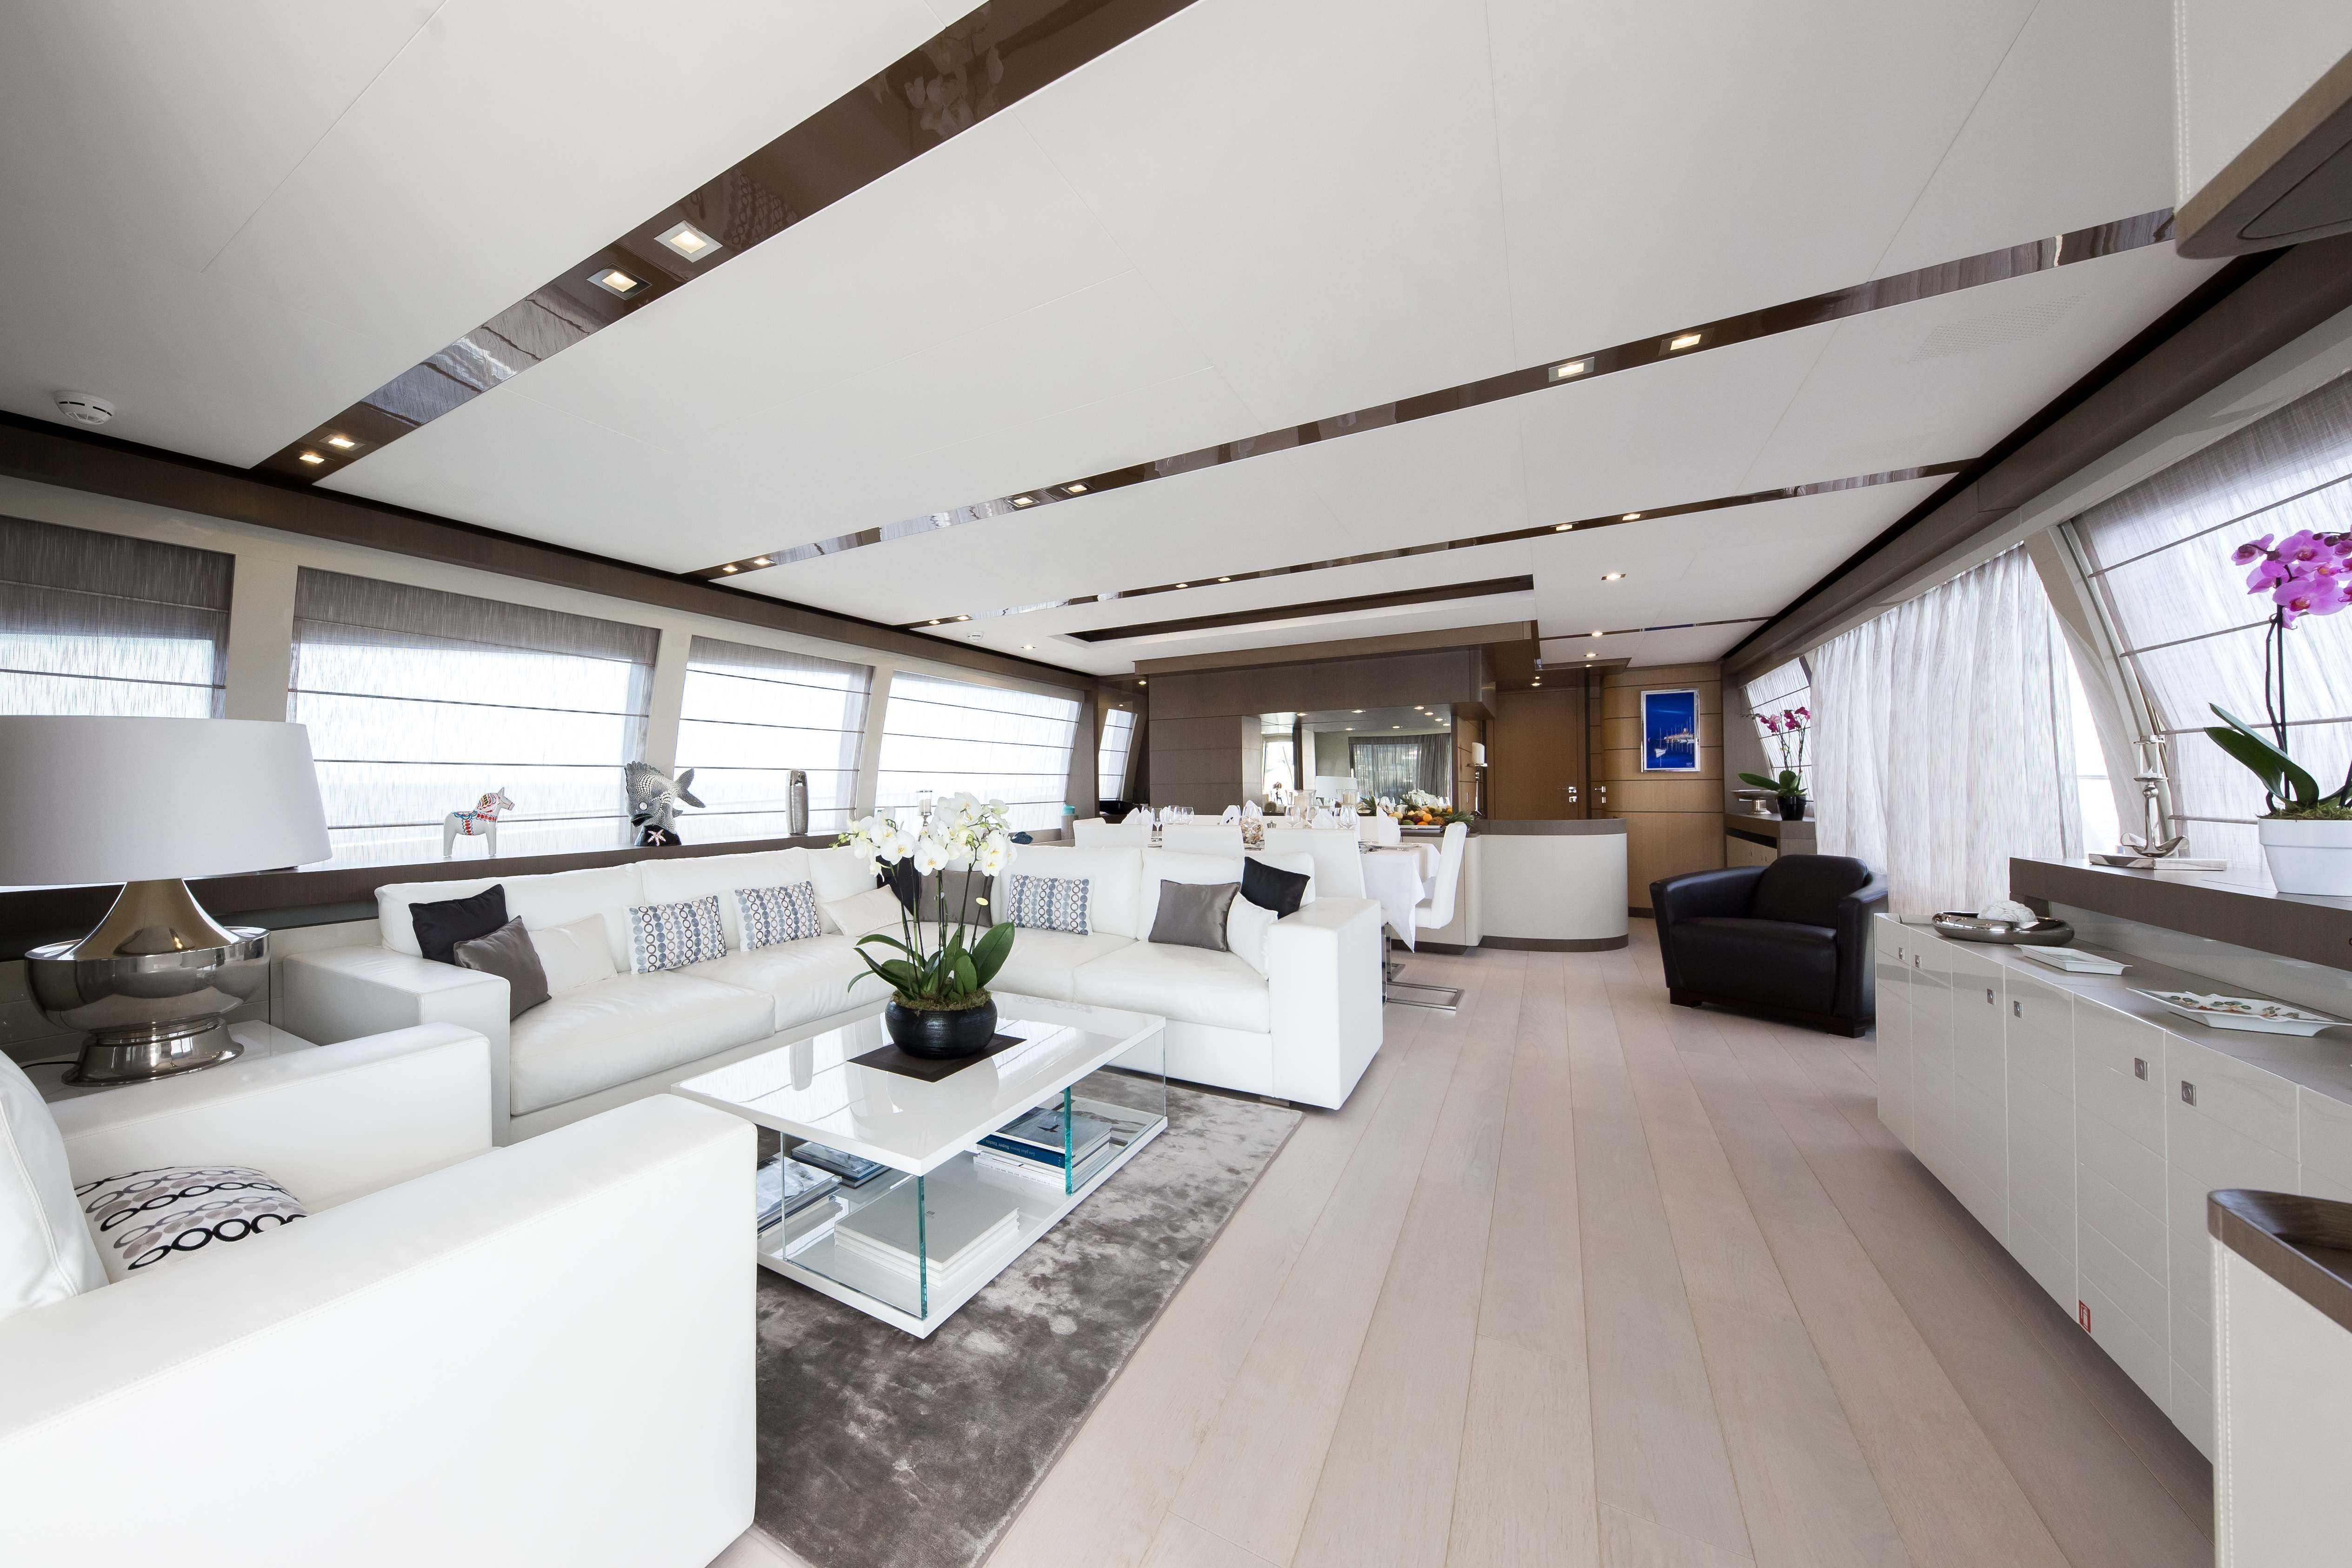 96 Ferretti Yachts F960